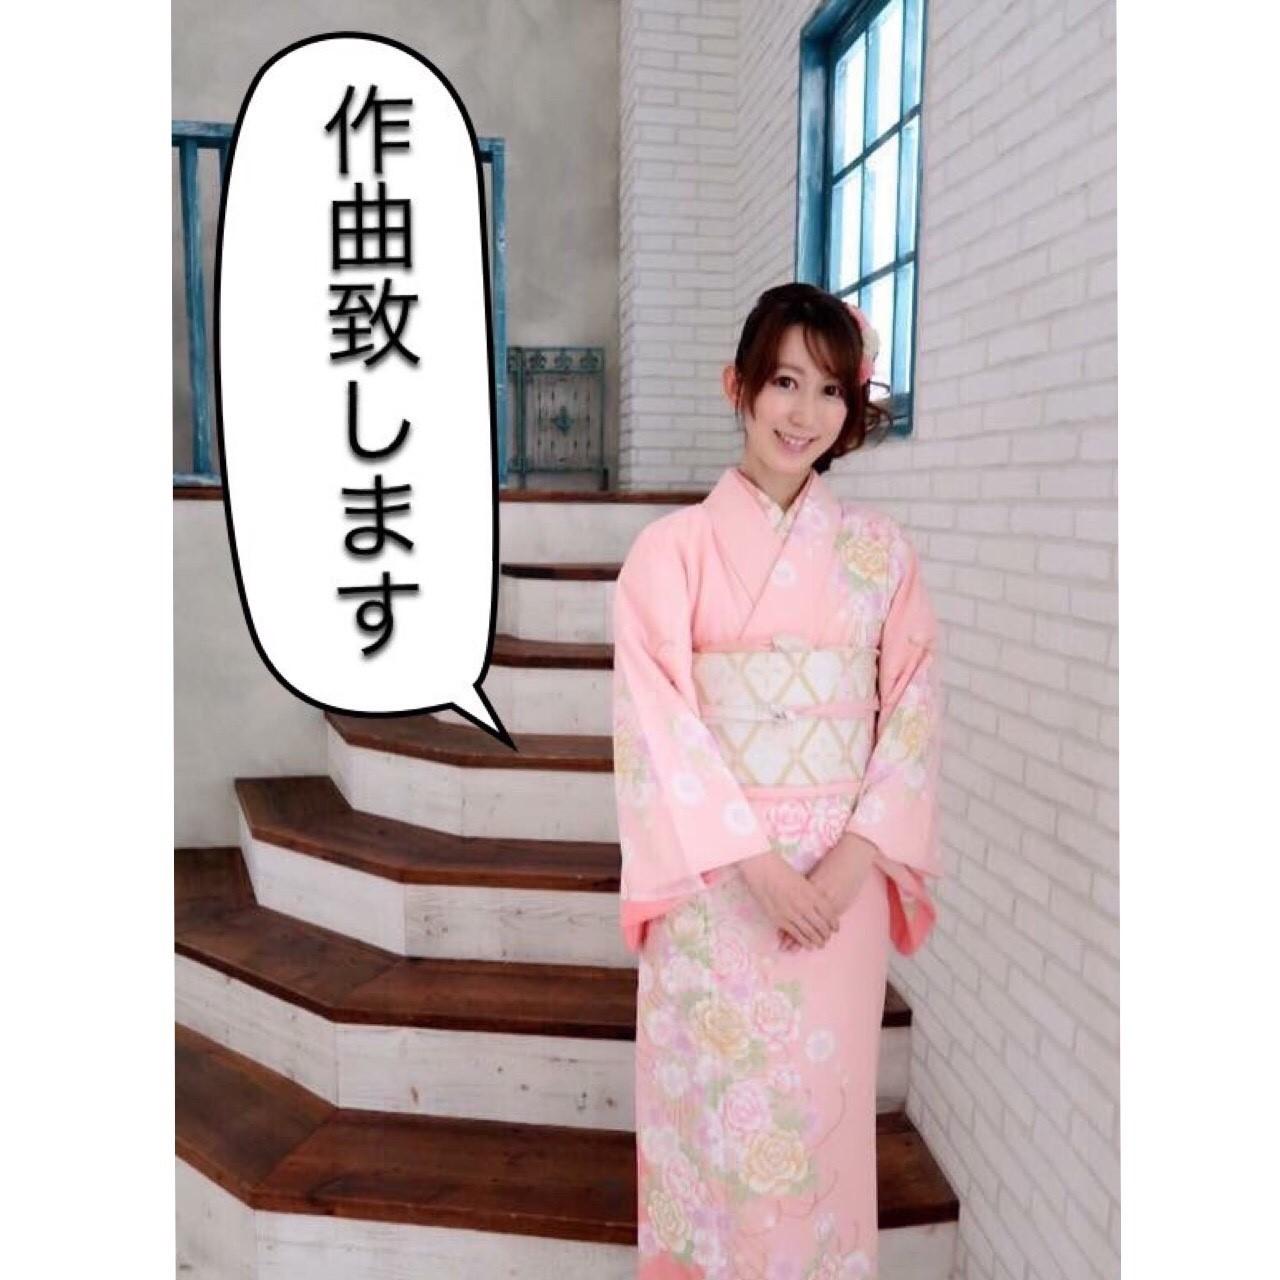 【Keikoがあなたのために作詞作曲!書き下ろし楽曲プレゼントプラン】